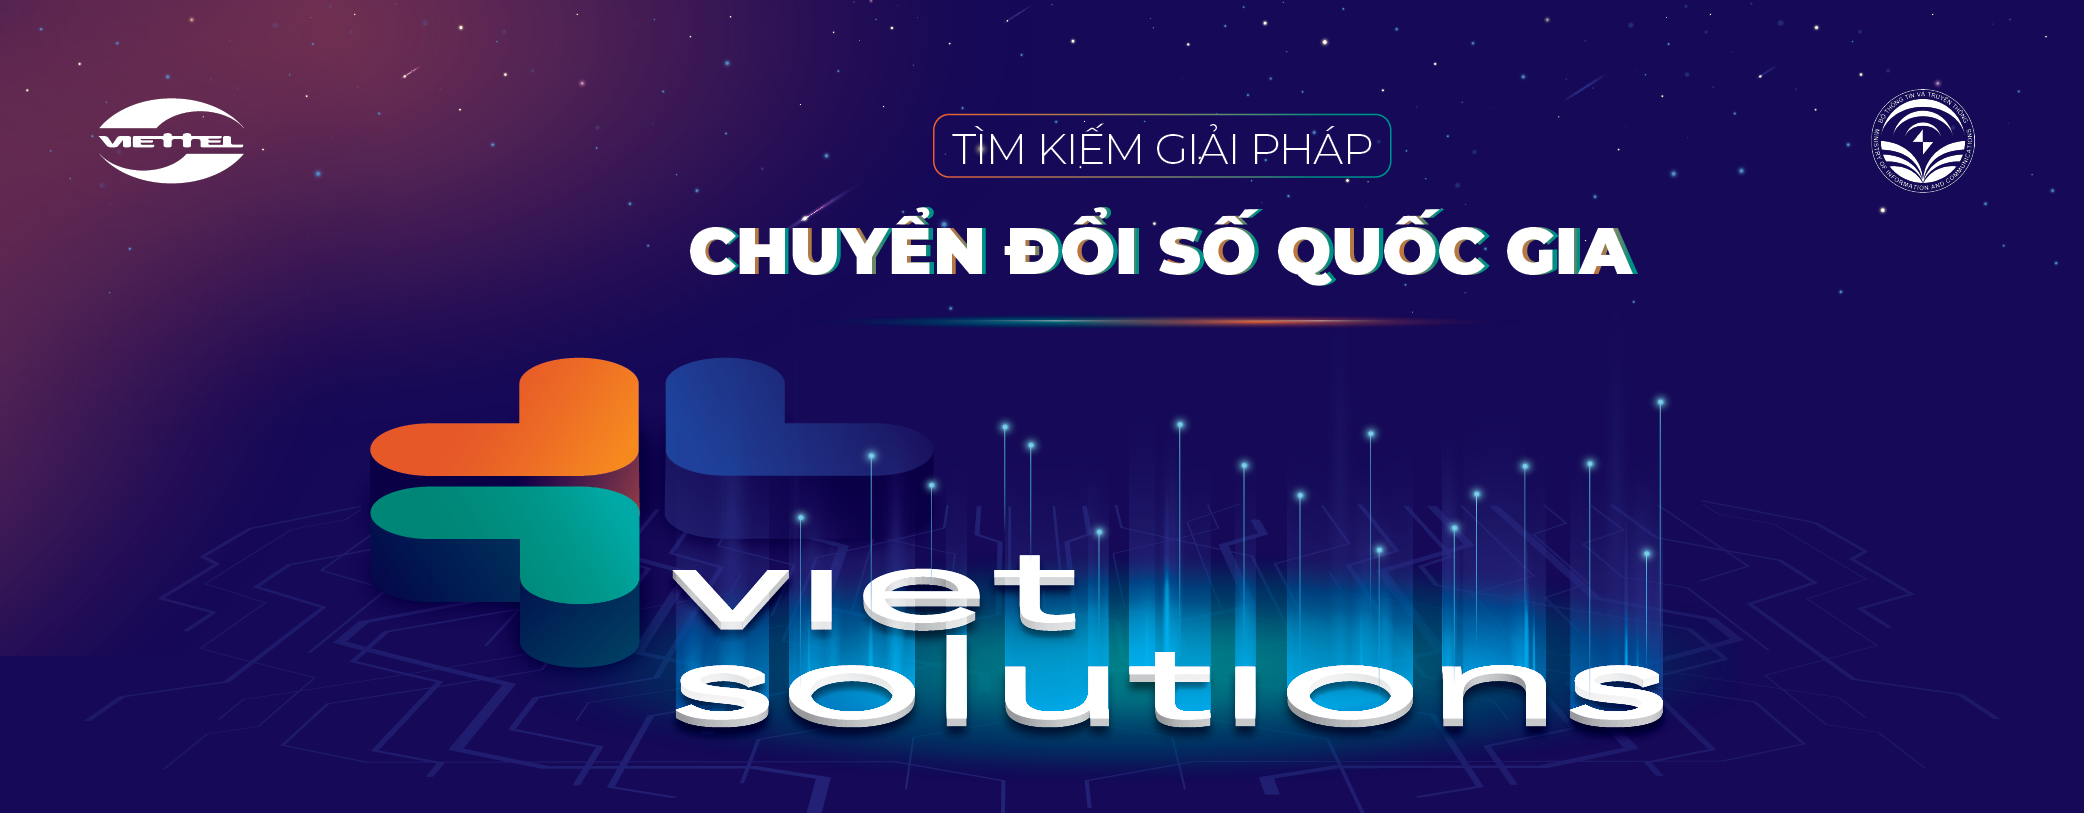 vietsolution 5b-07.png